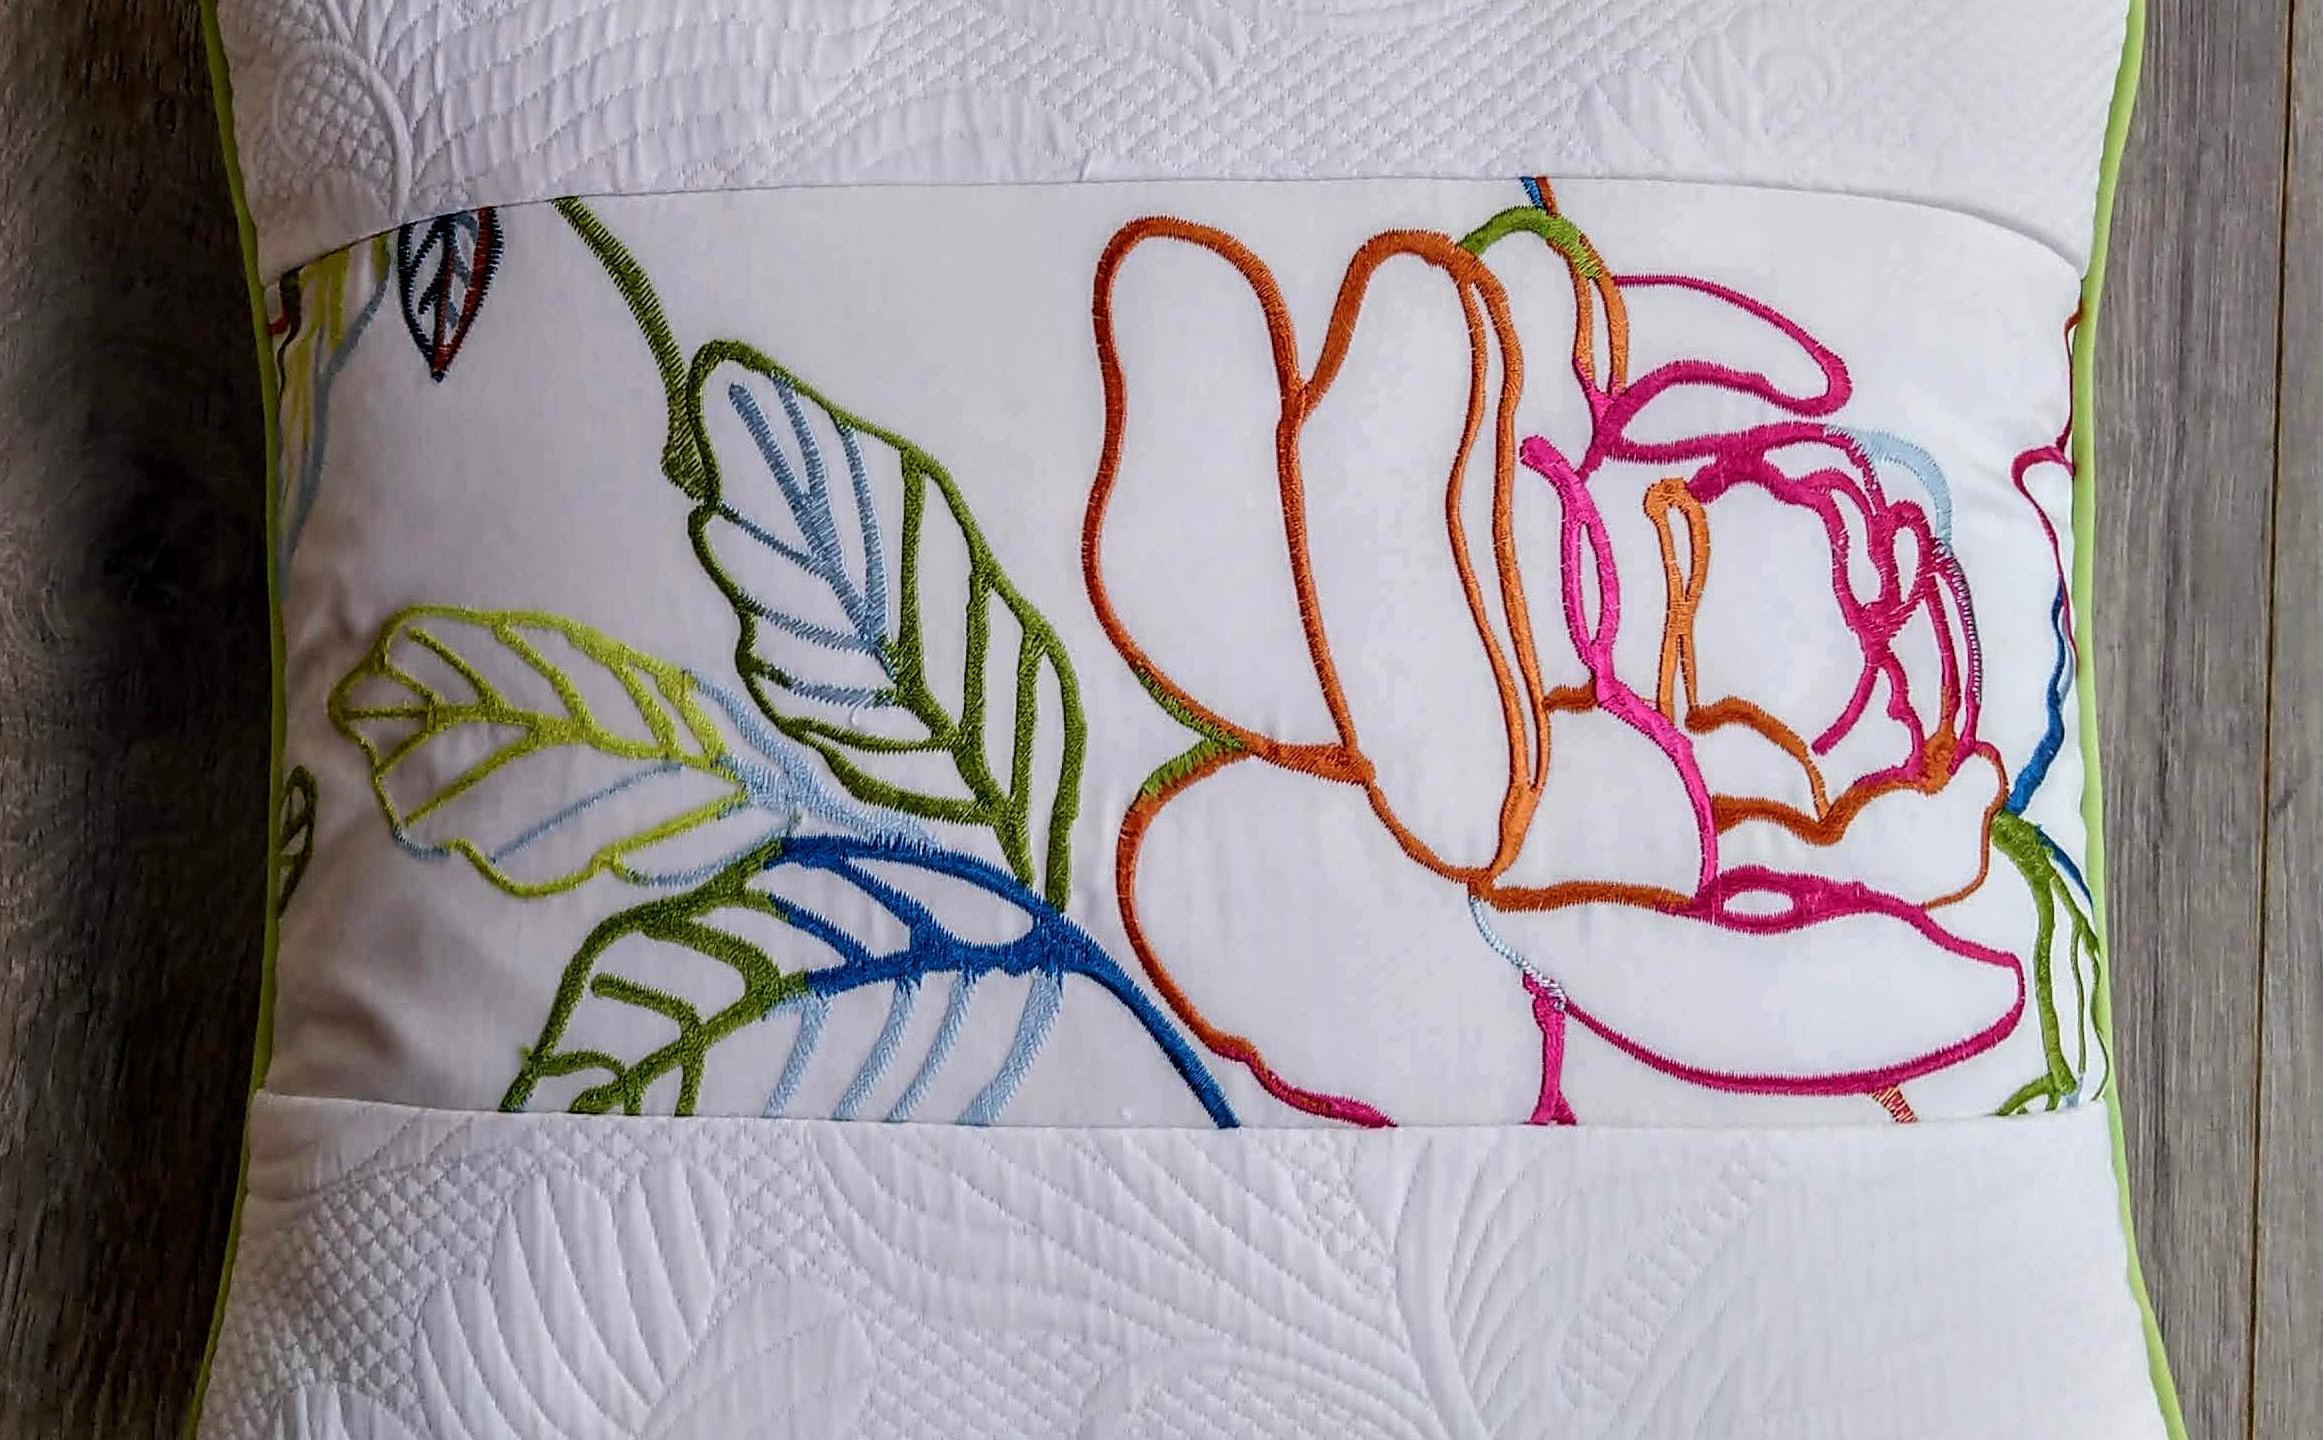 Coussin en tissu satiné brodée motif floral et piqué de coton blanc - passepoilé vert pomme - dimensions 45 x 45